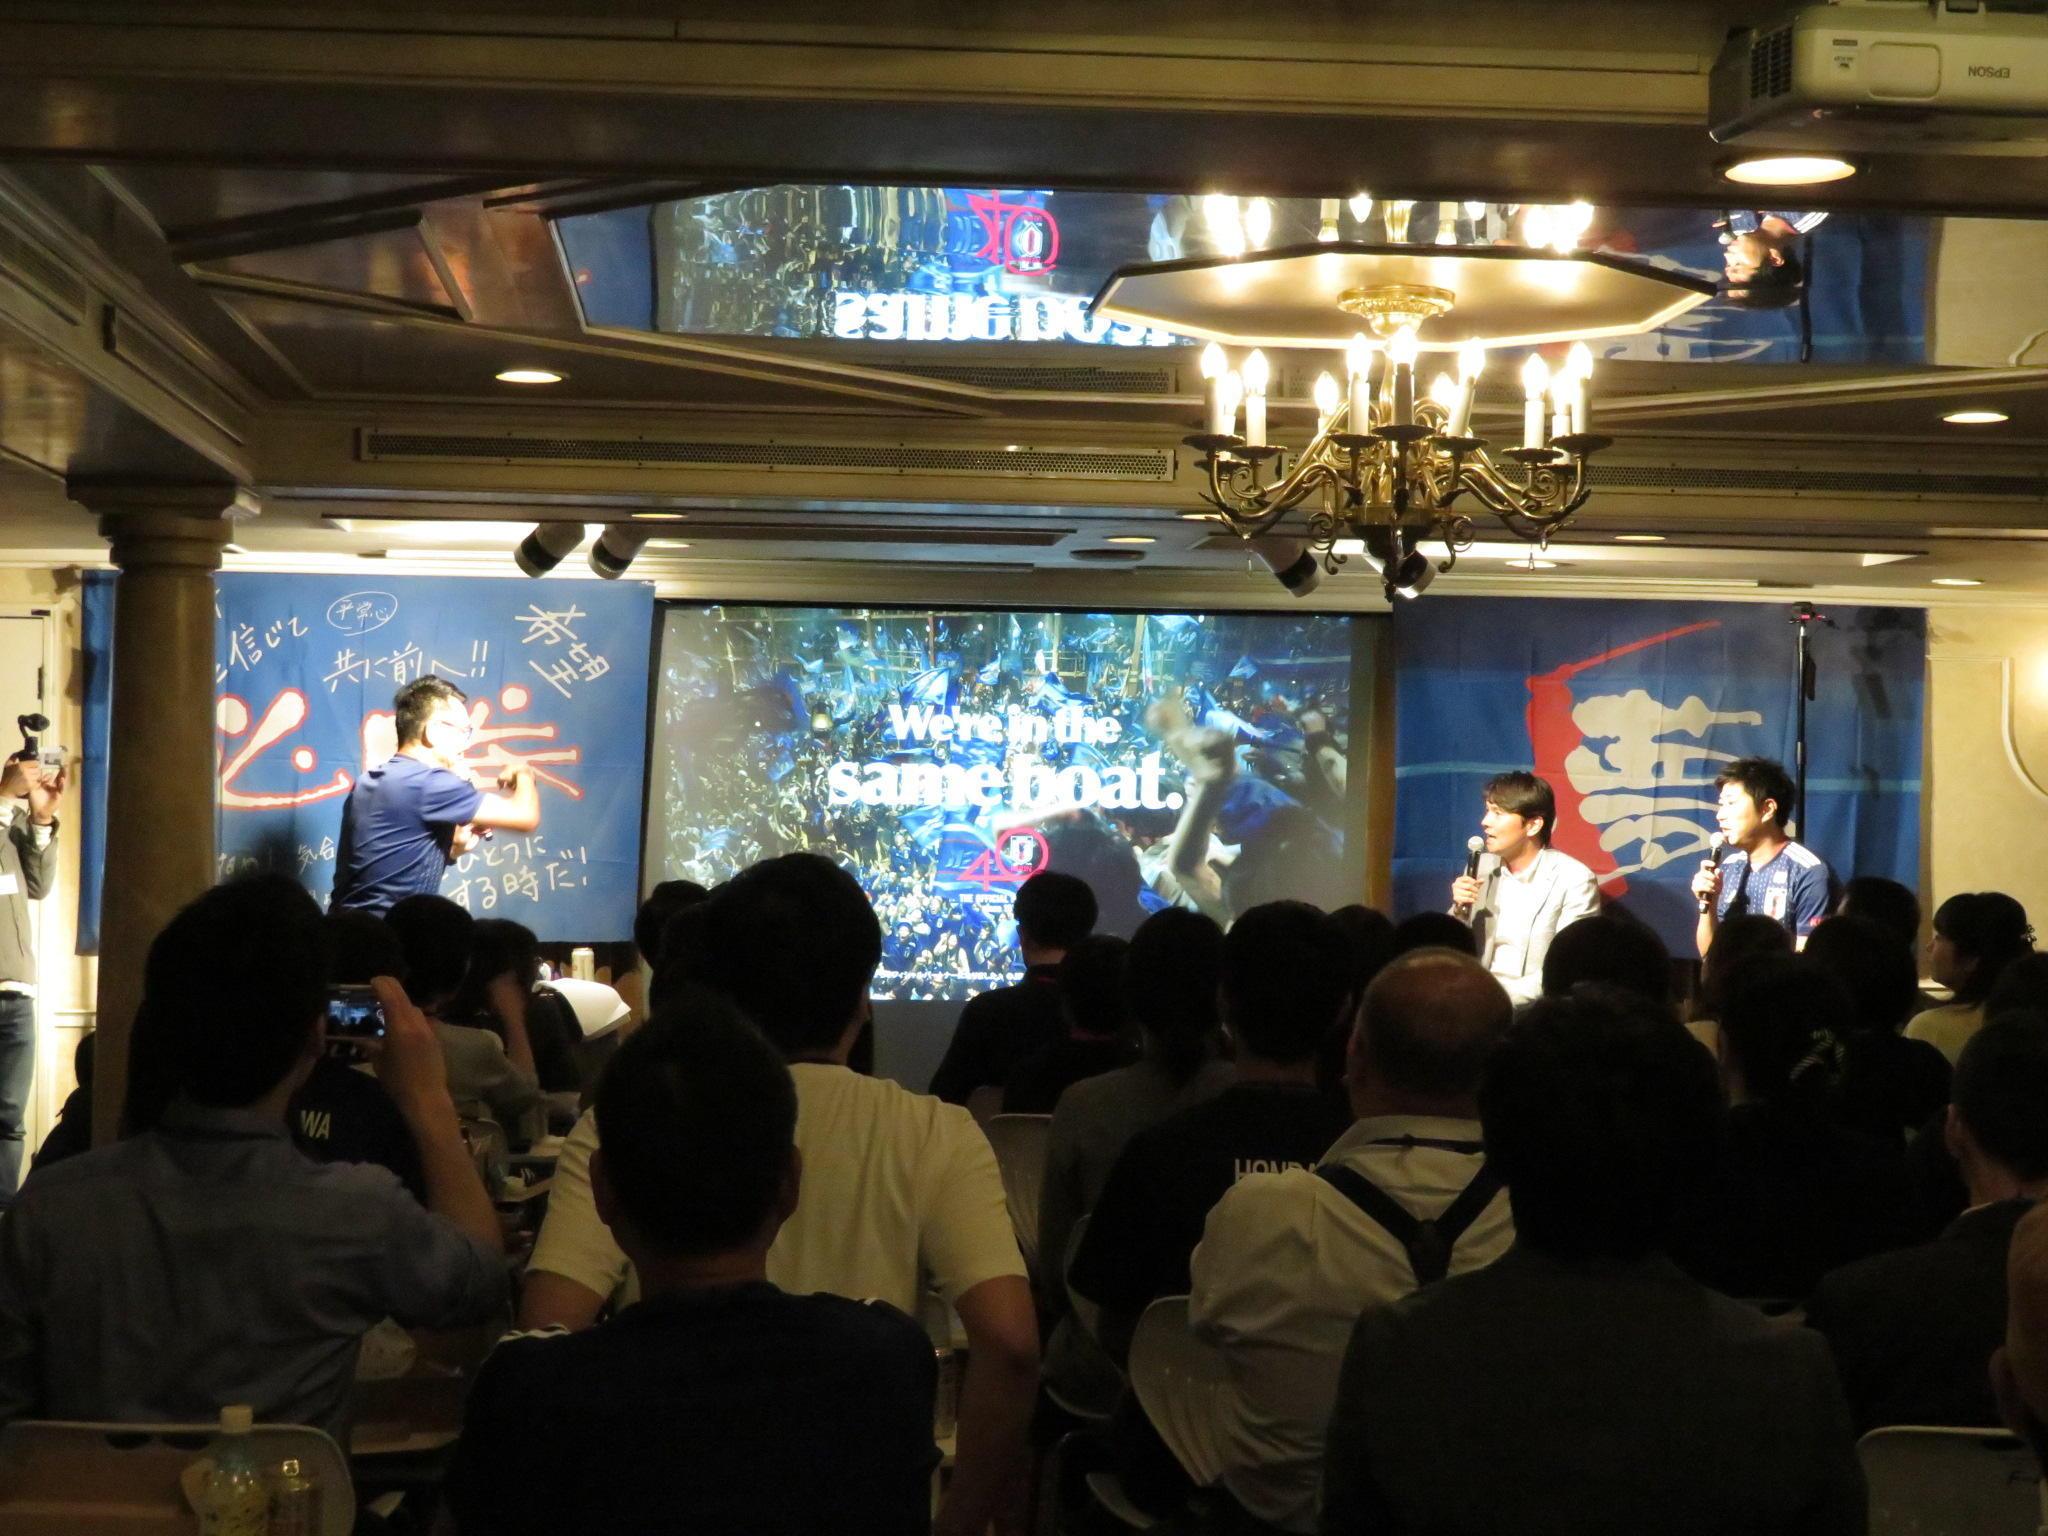 http://news.yoshimoto.co.jp/20180531141748-4dba847a266b30db262fa81d8538af57763bc439.jpg